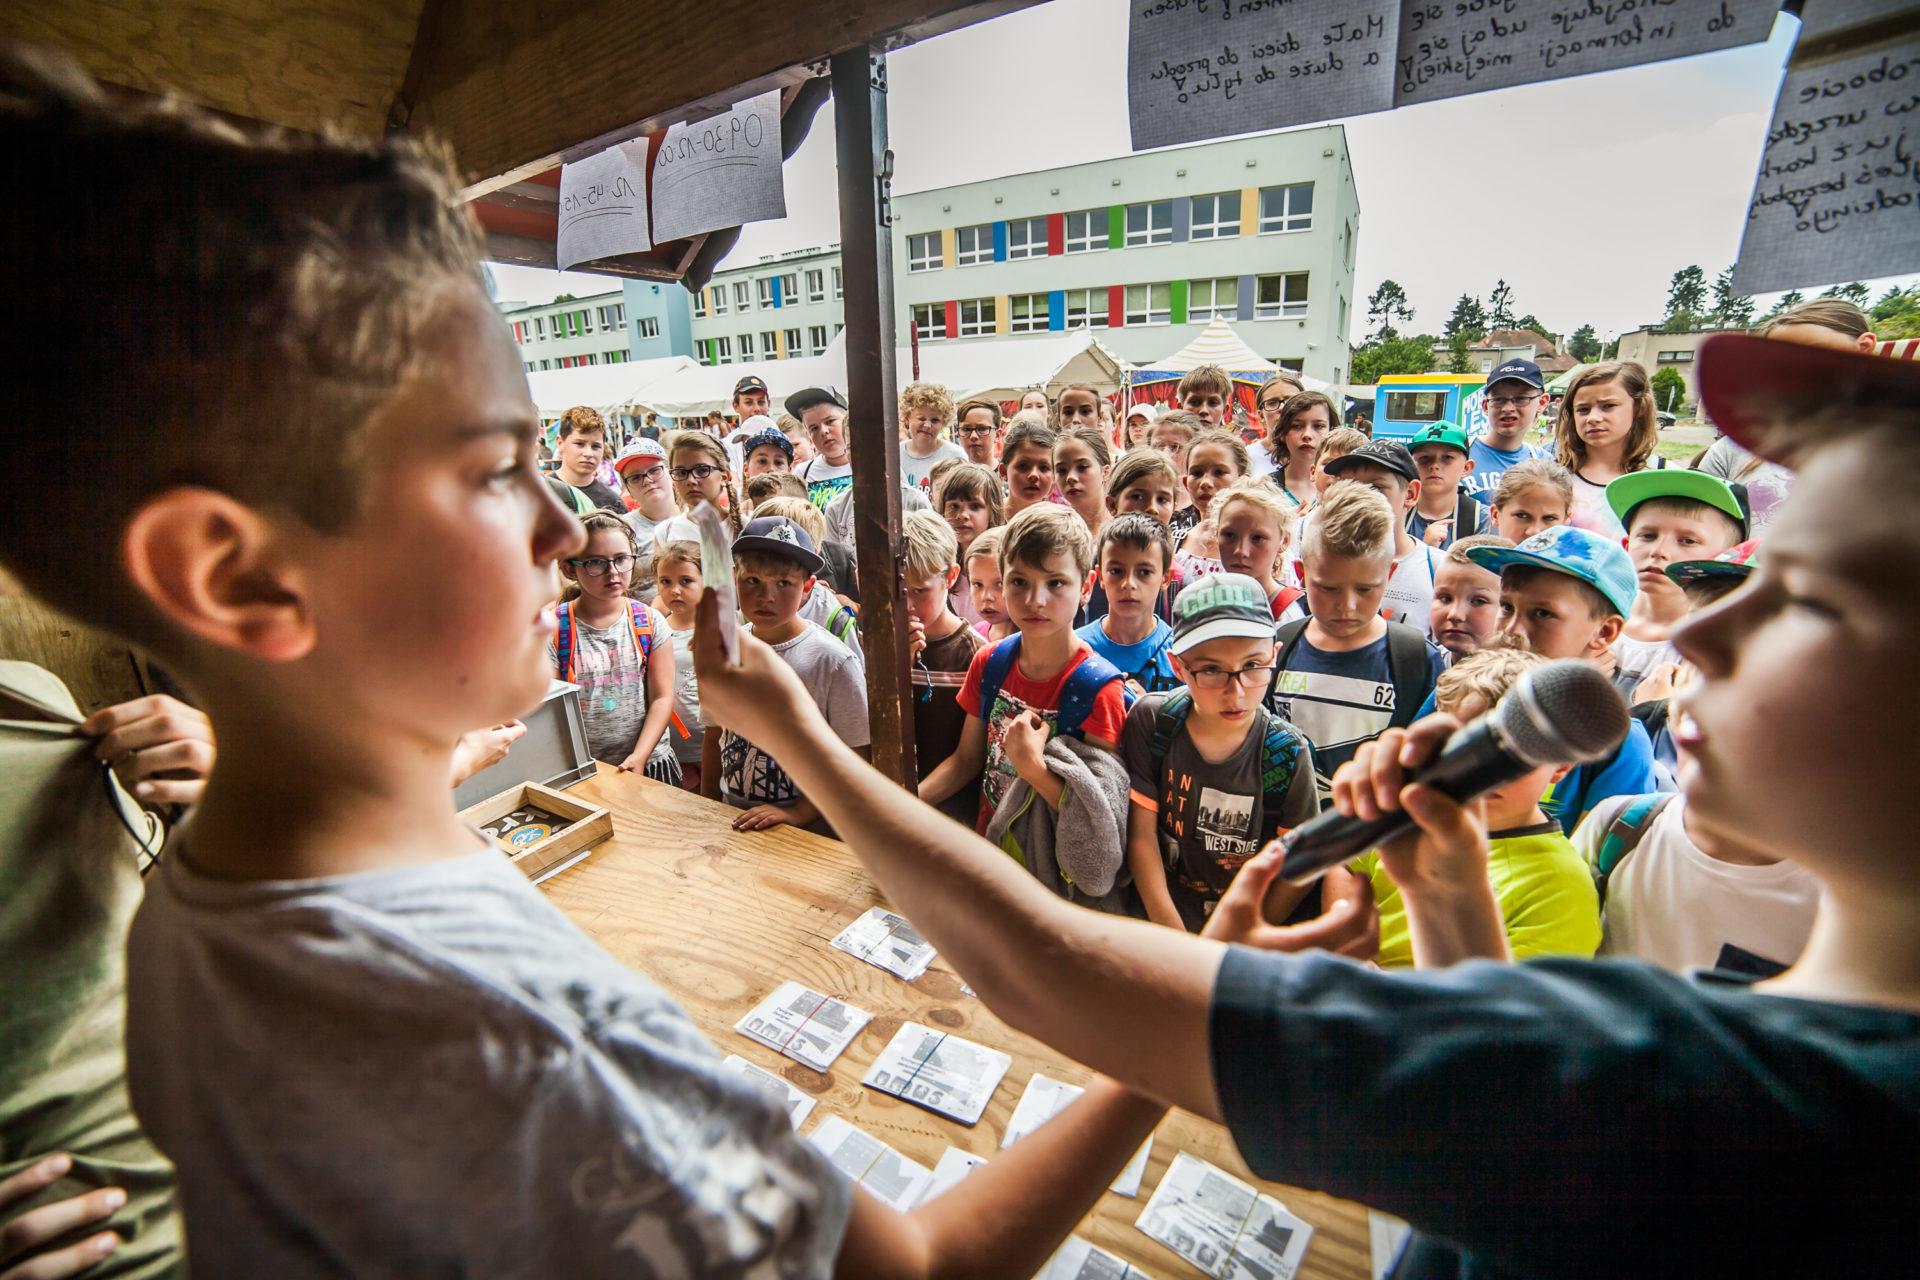 Ruszają zapisy do projektu Kindermiasto Zgorlitz 2021!